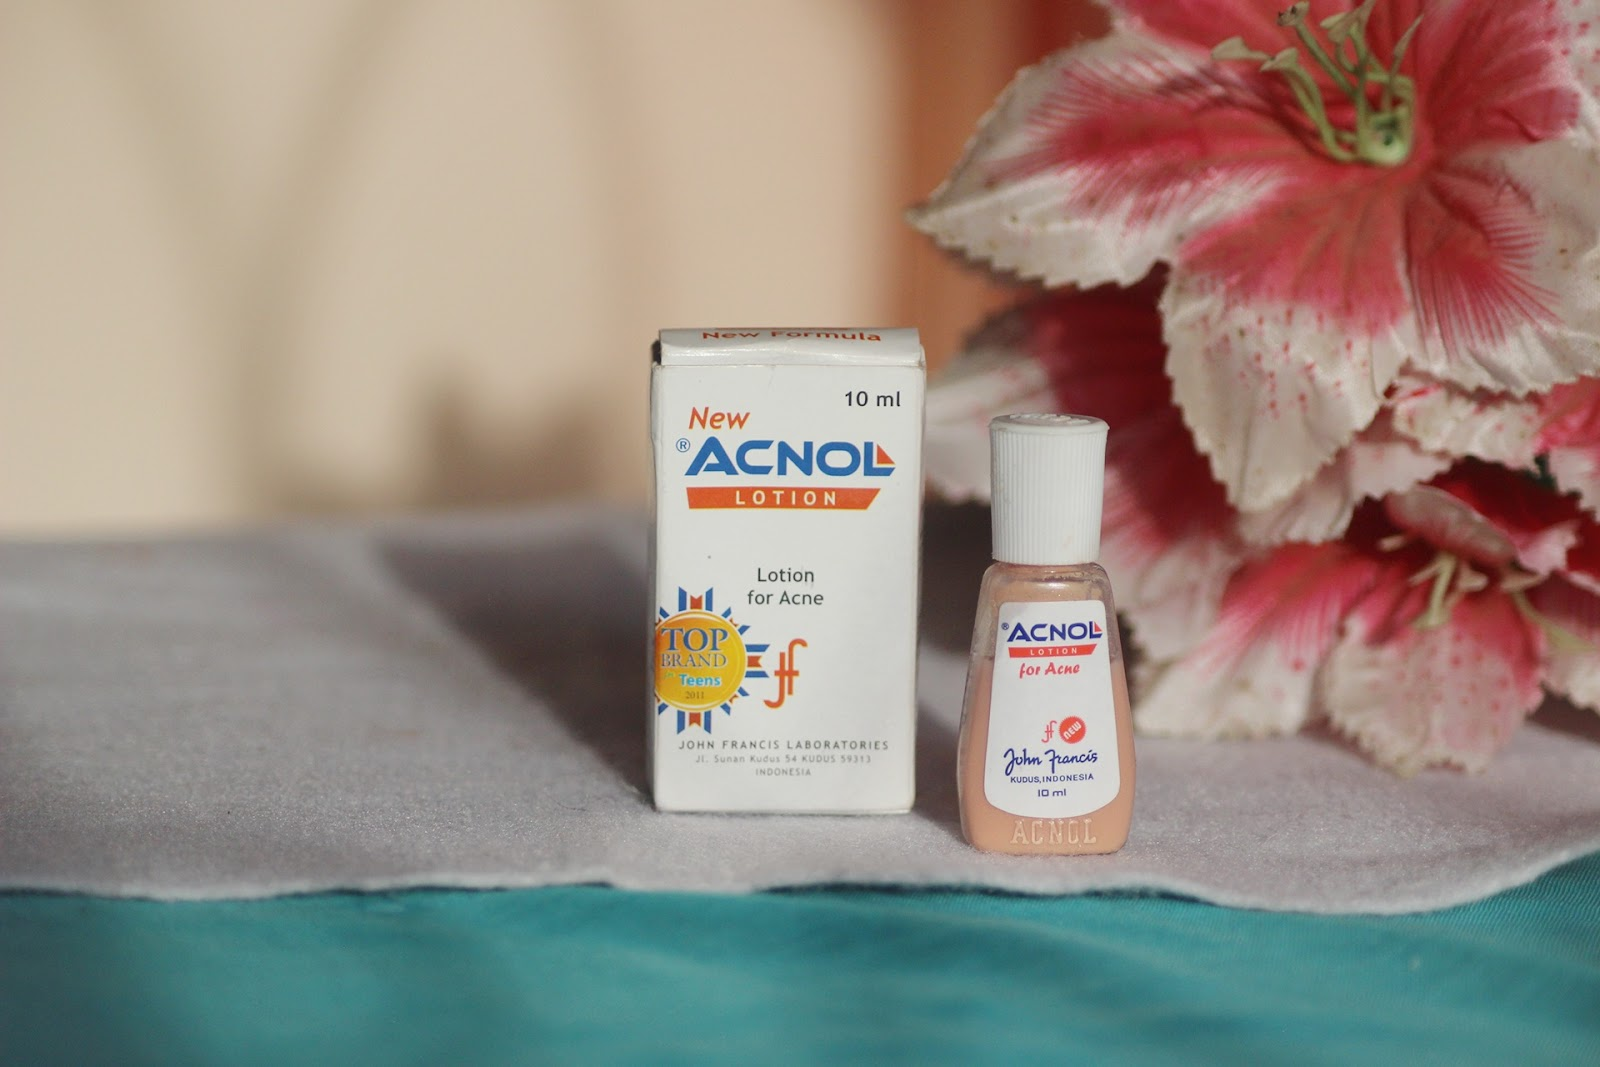 Apakah Acnol Lotion Bisa Menghilangkan Bekas Jerawat